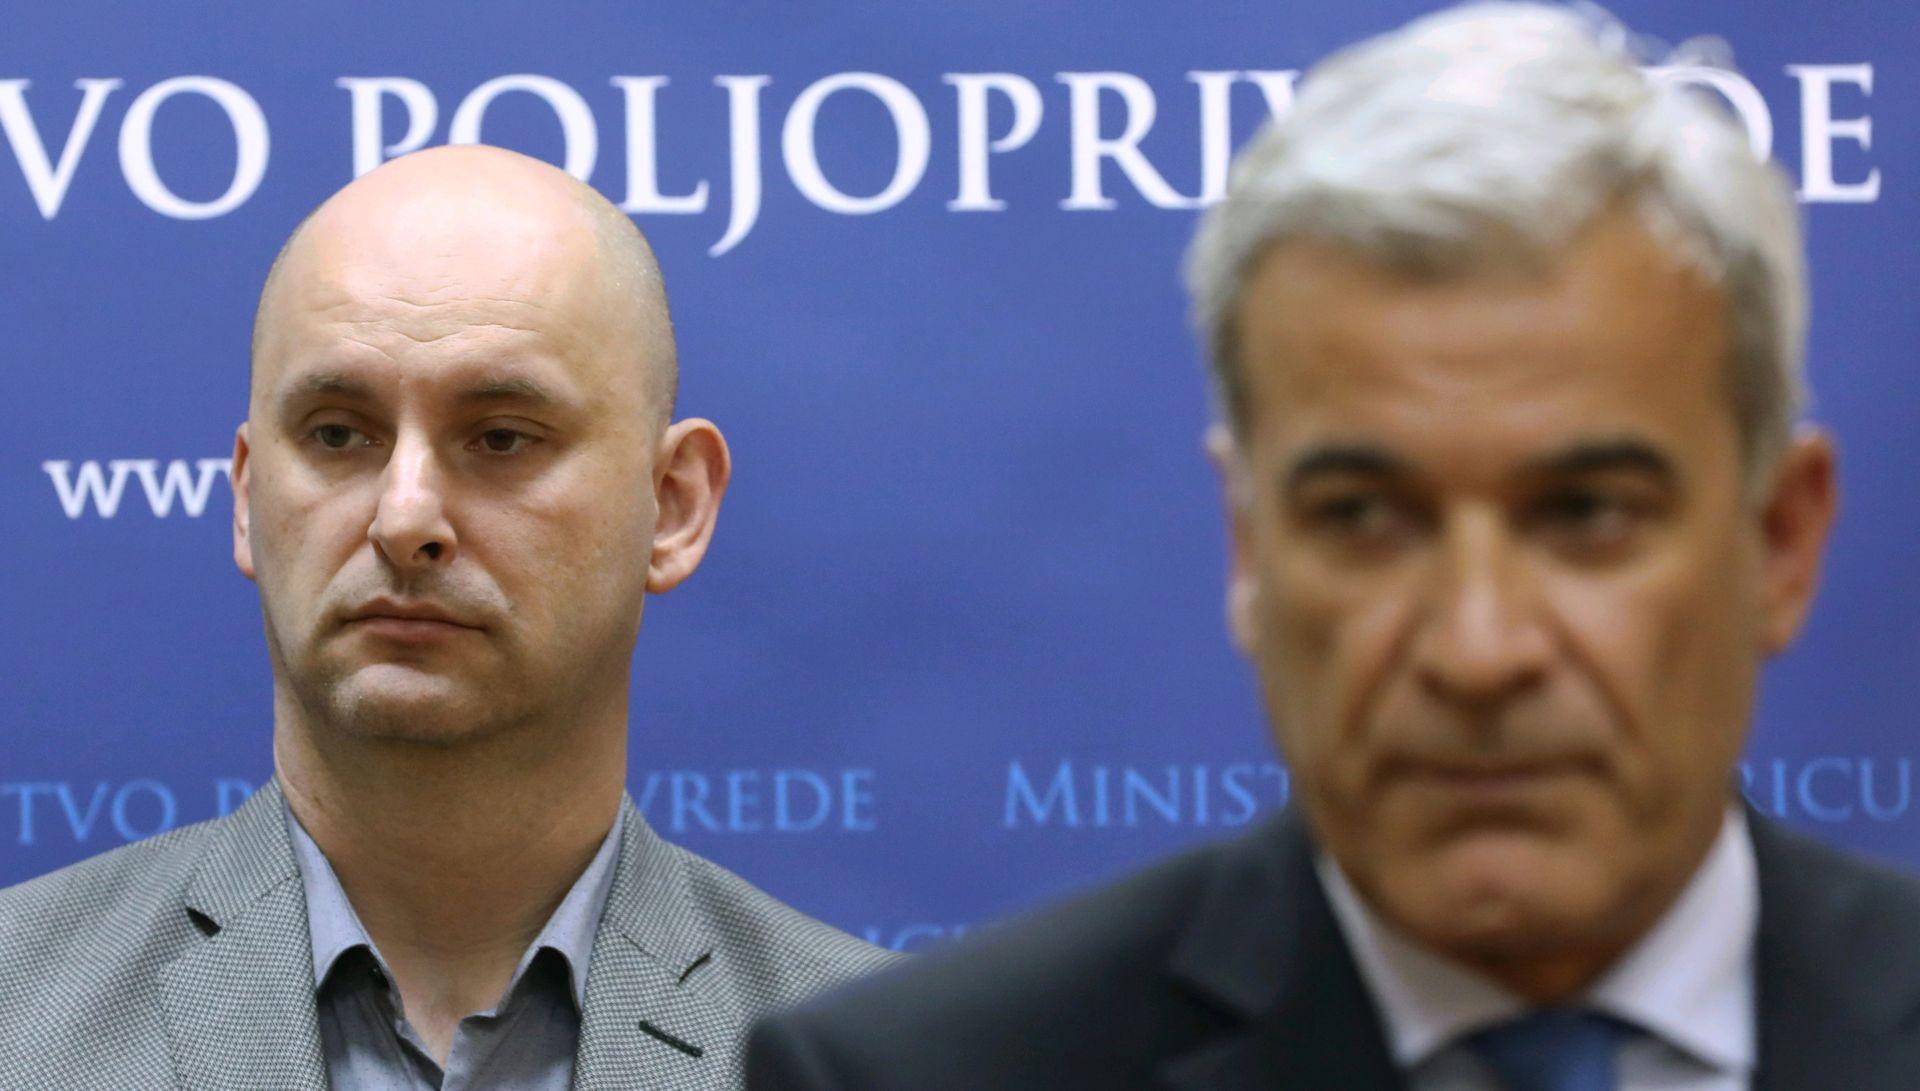 SASTANAK TOLUŠIĆA I RAMLJAKA 'Za dugove je kriv Todorić, moguće su tužbe'